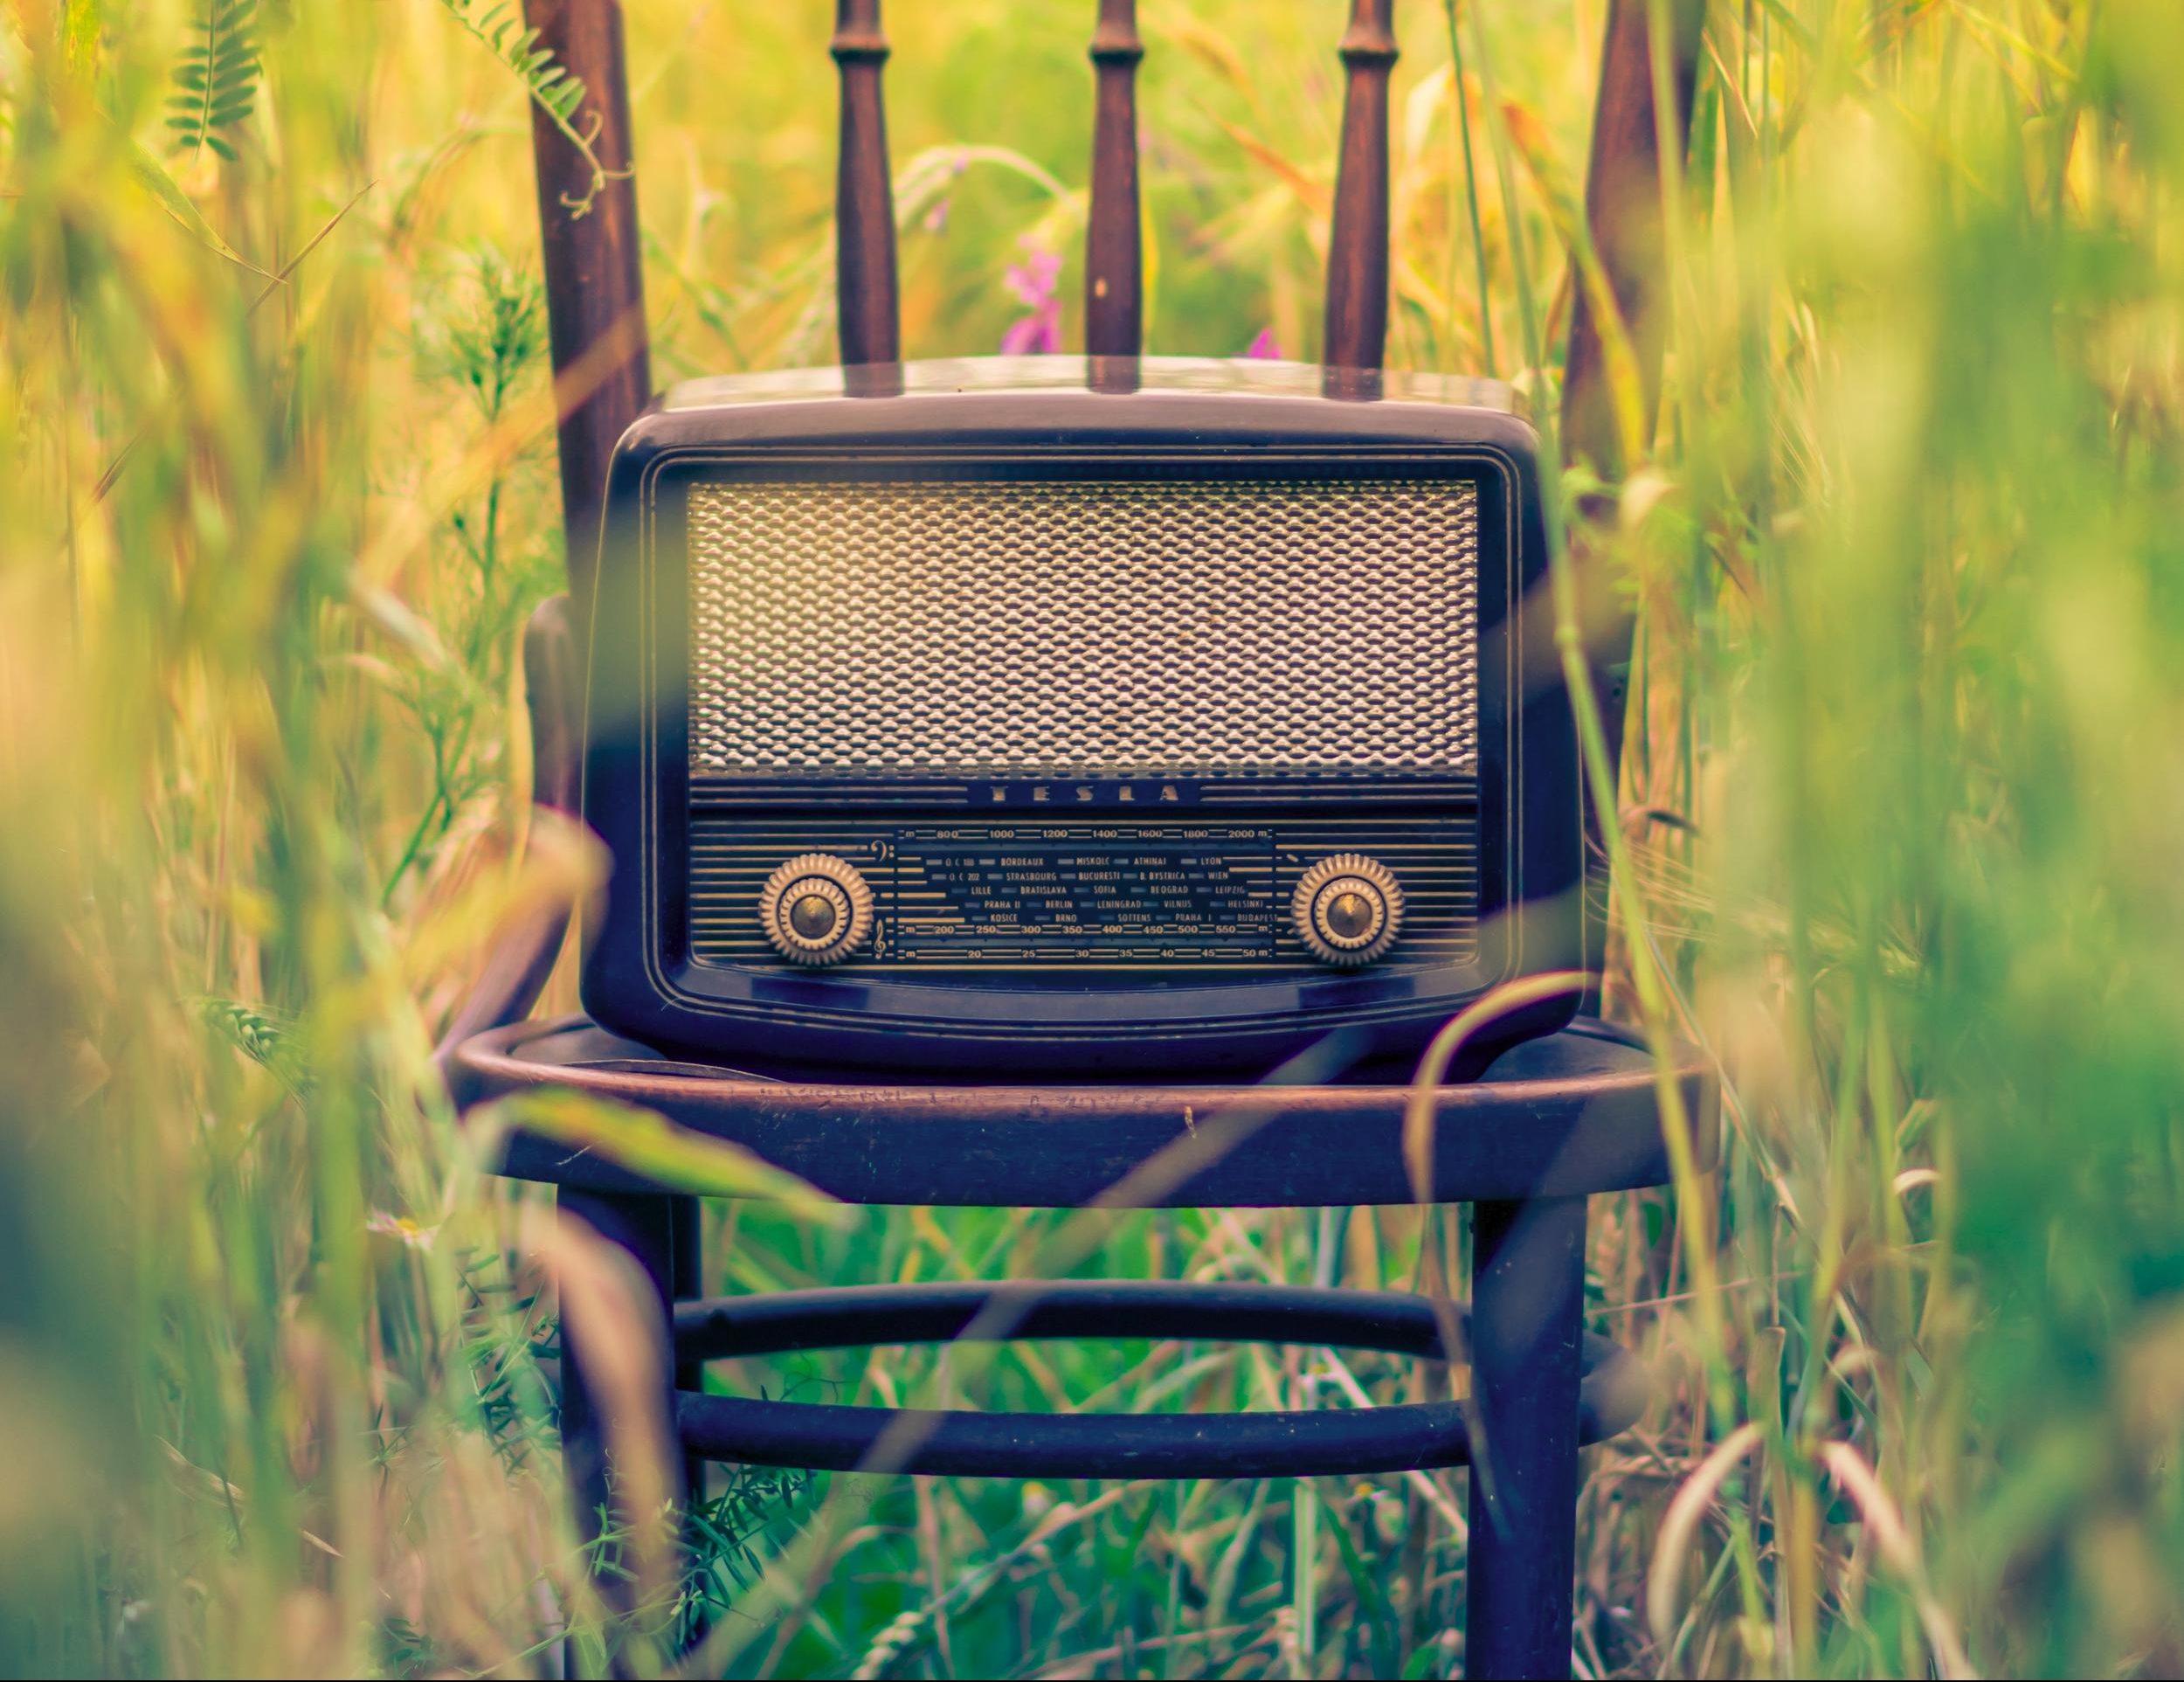 rádio velho numa cadeira velha no meio de um campo de trigo.